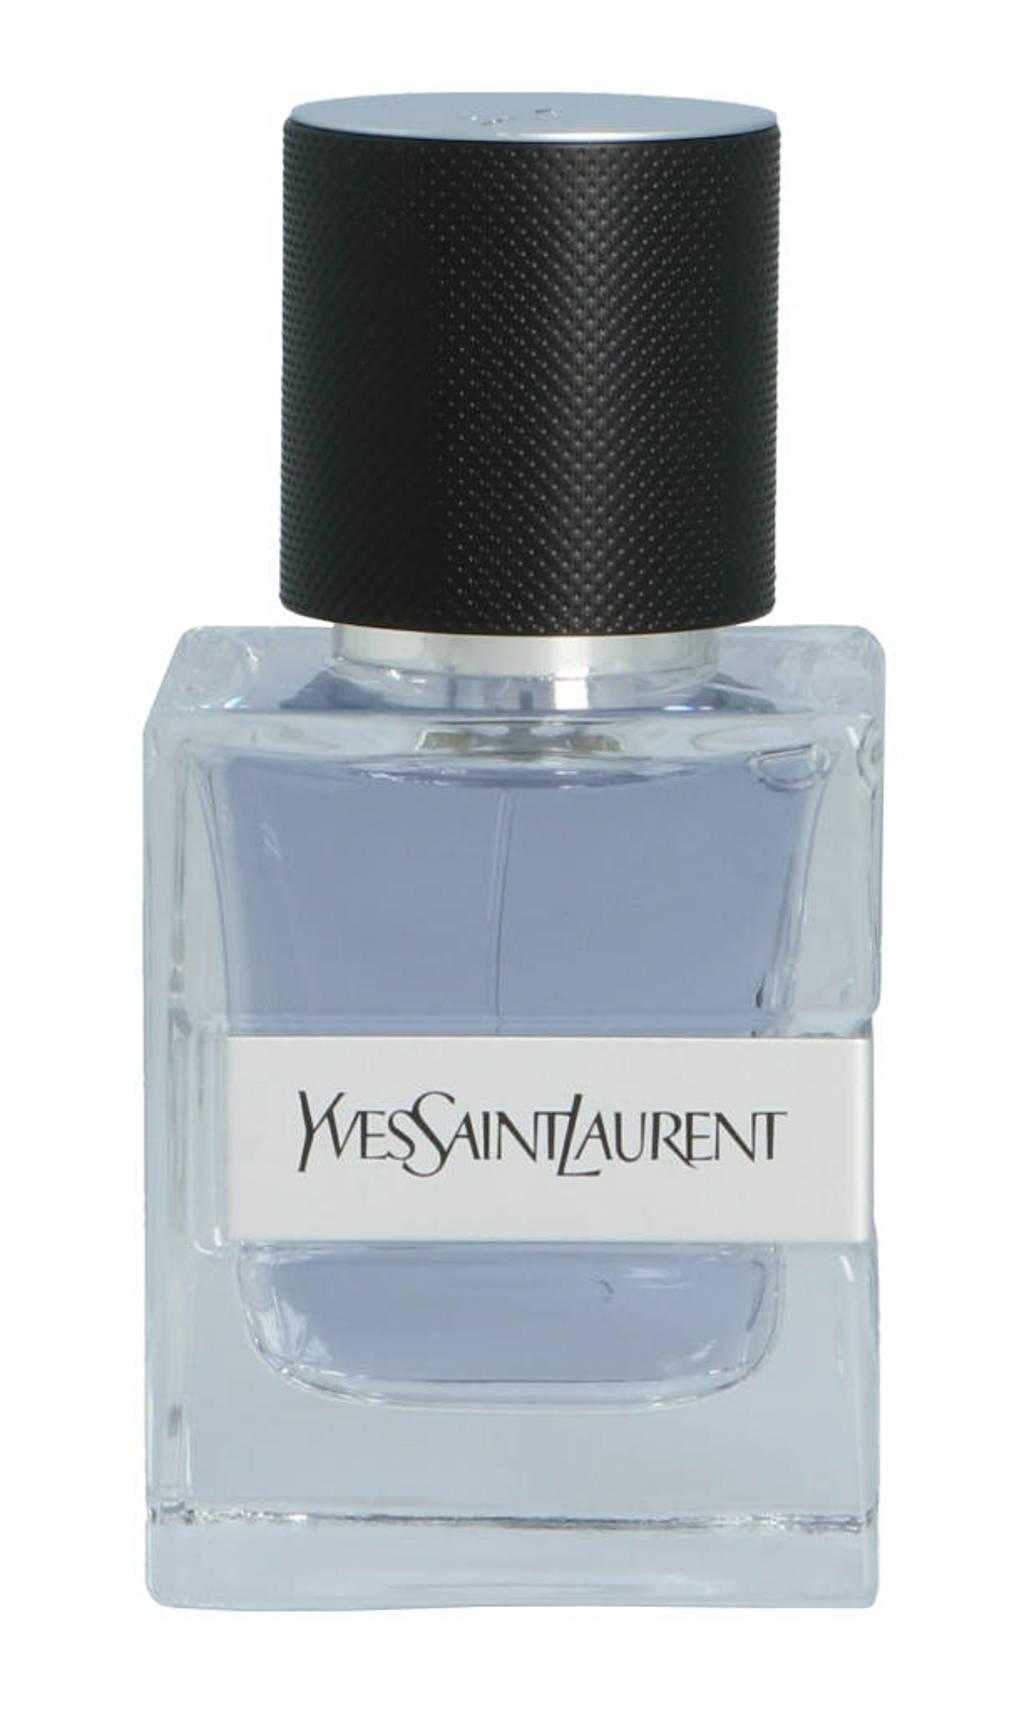 Yves Saint Laurent Y eau de toilette - 40 ml